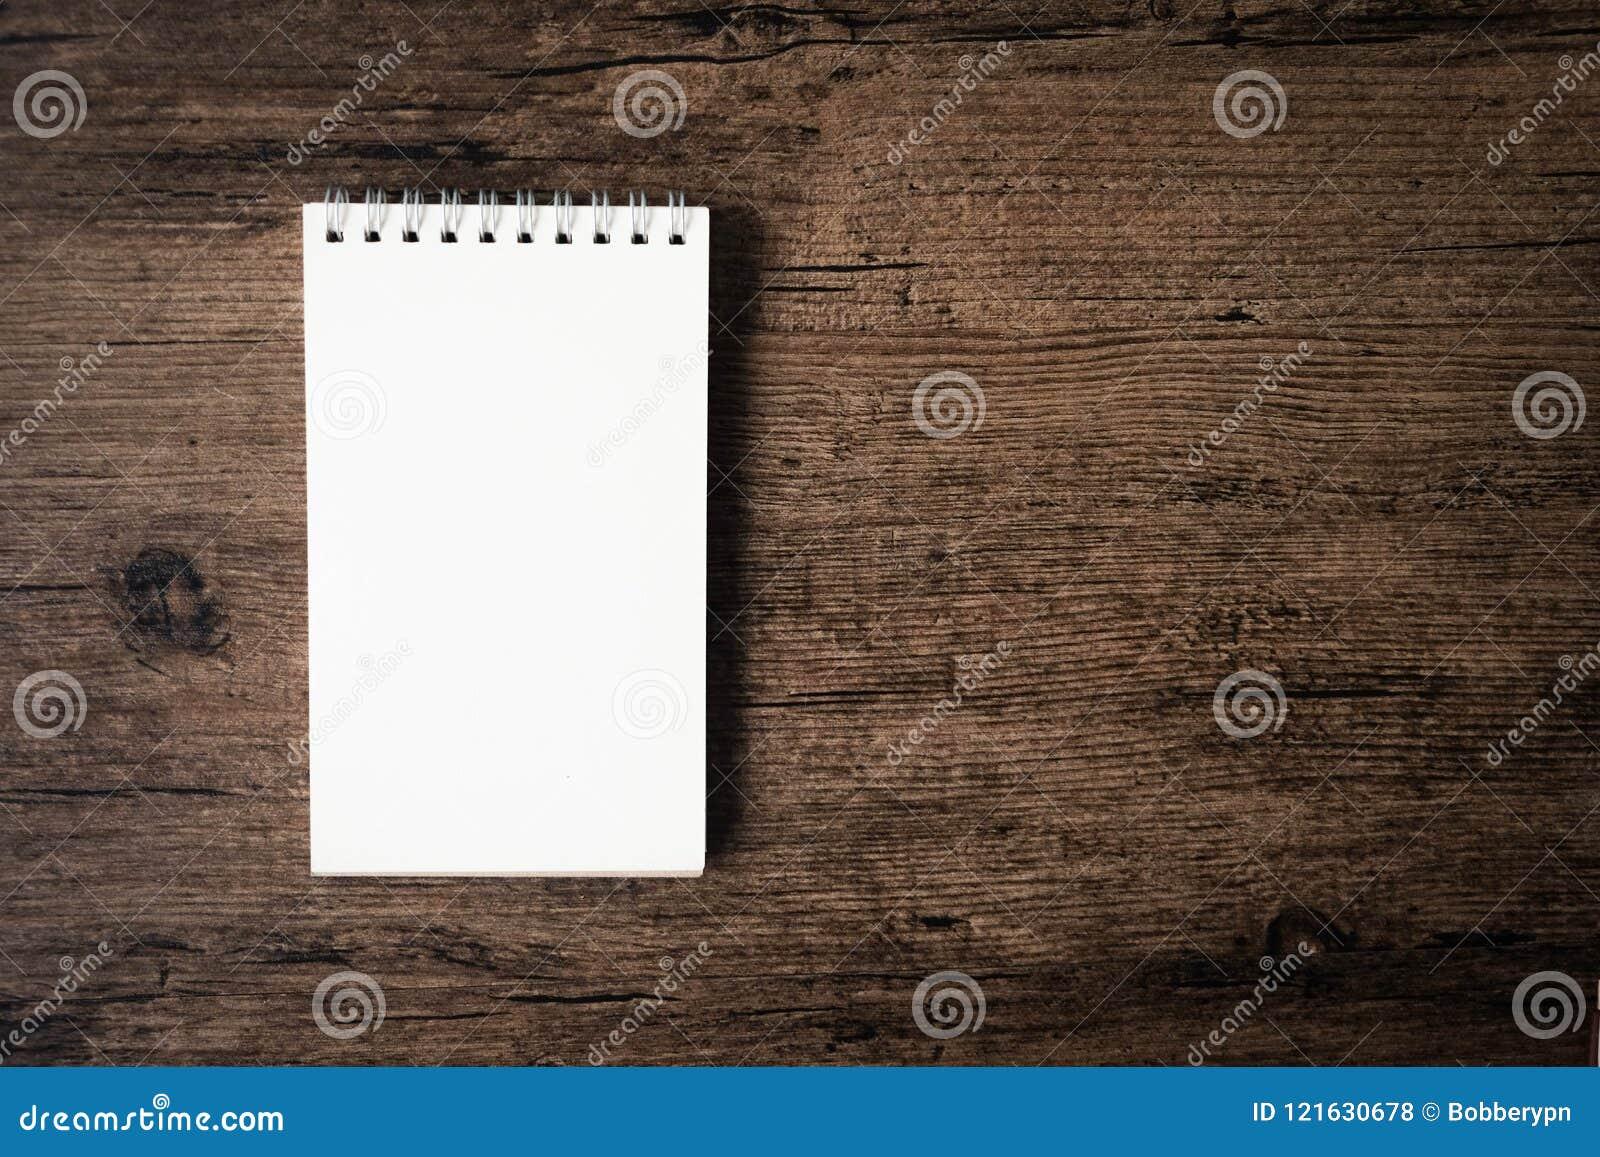 Immagine di vista superiore del taccuino aperto con la pagina in bianco sui tum di legno